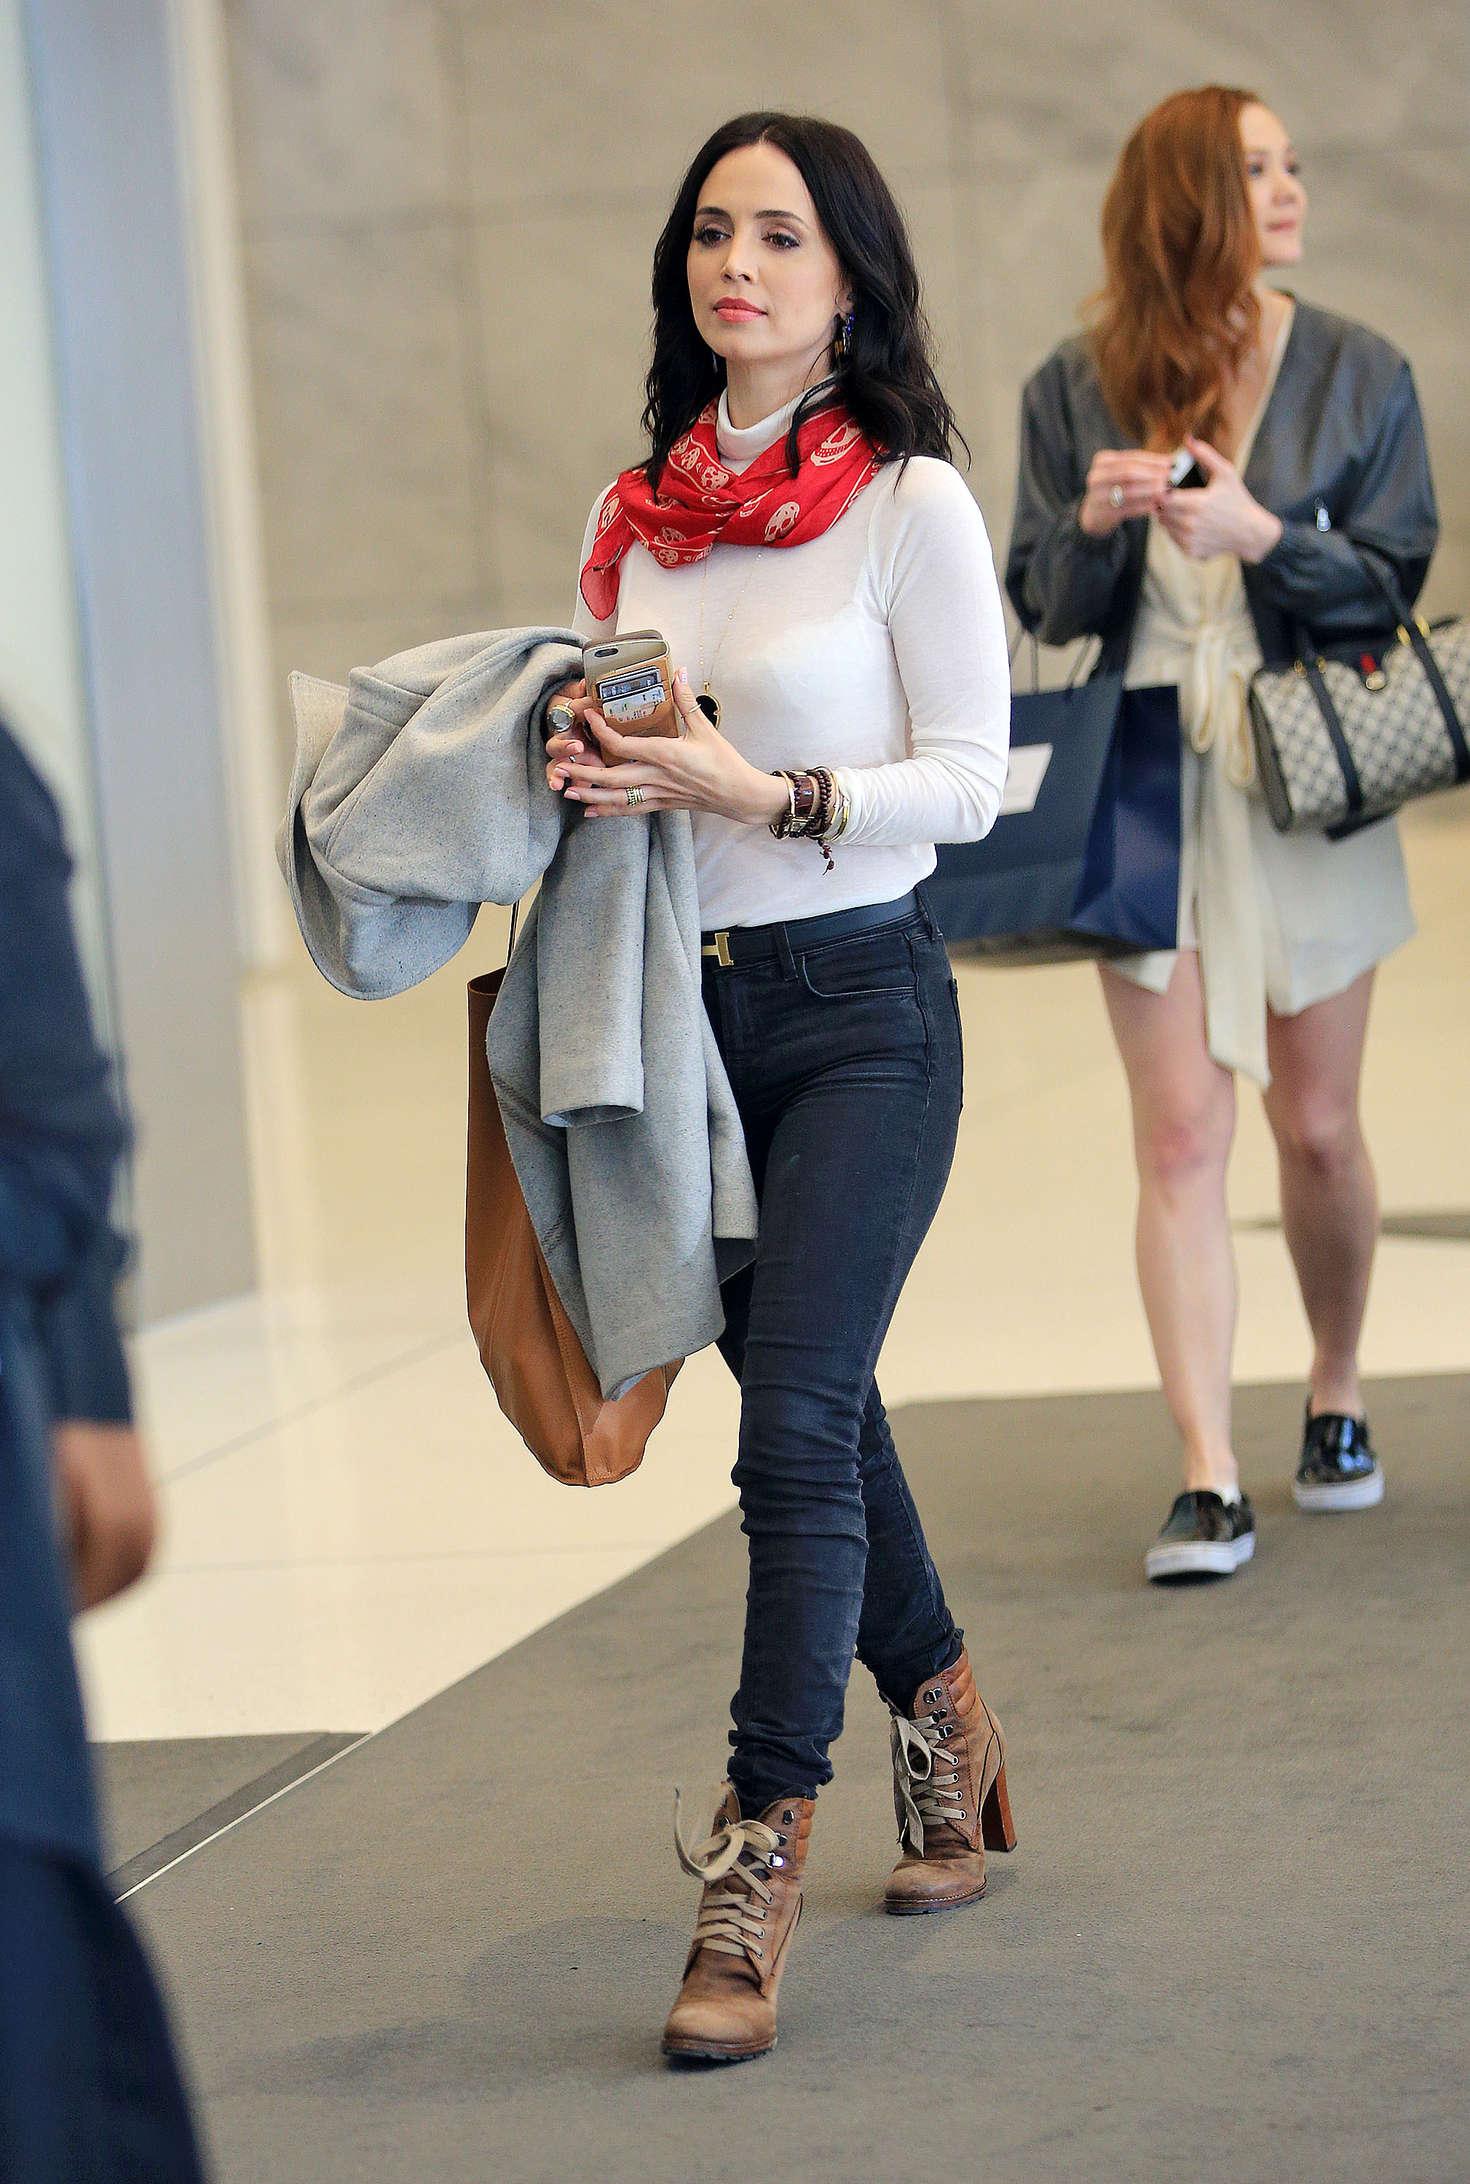 Eliza Dushku 2016 : Eliza Dushku in Tight Jeans -06